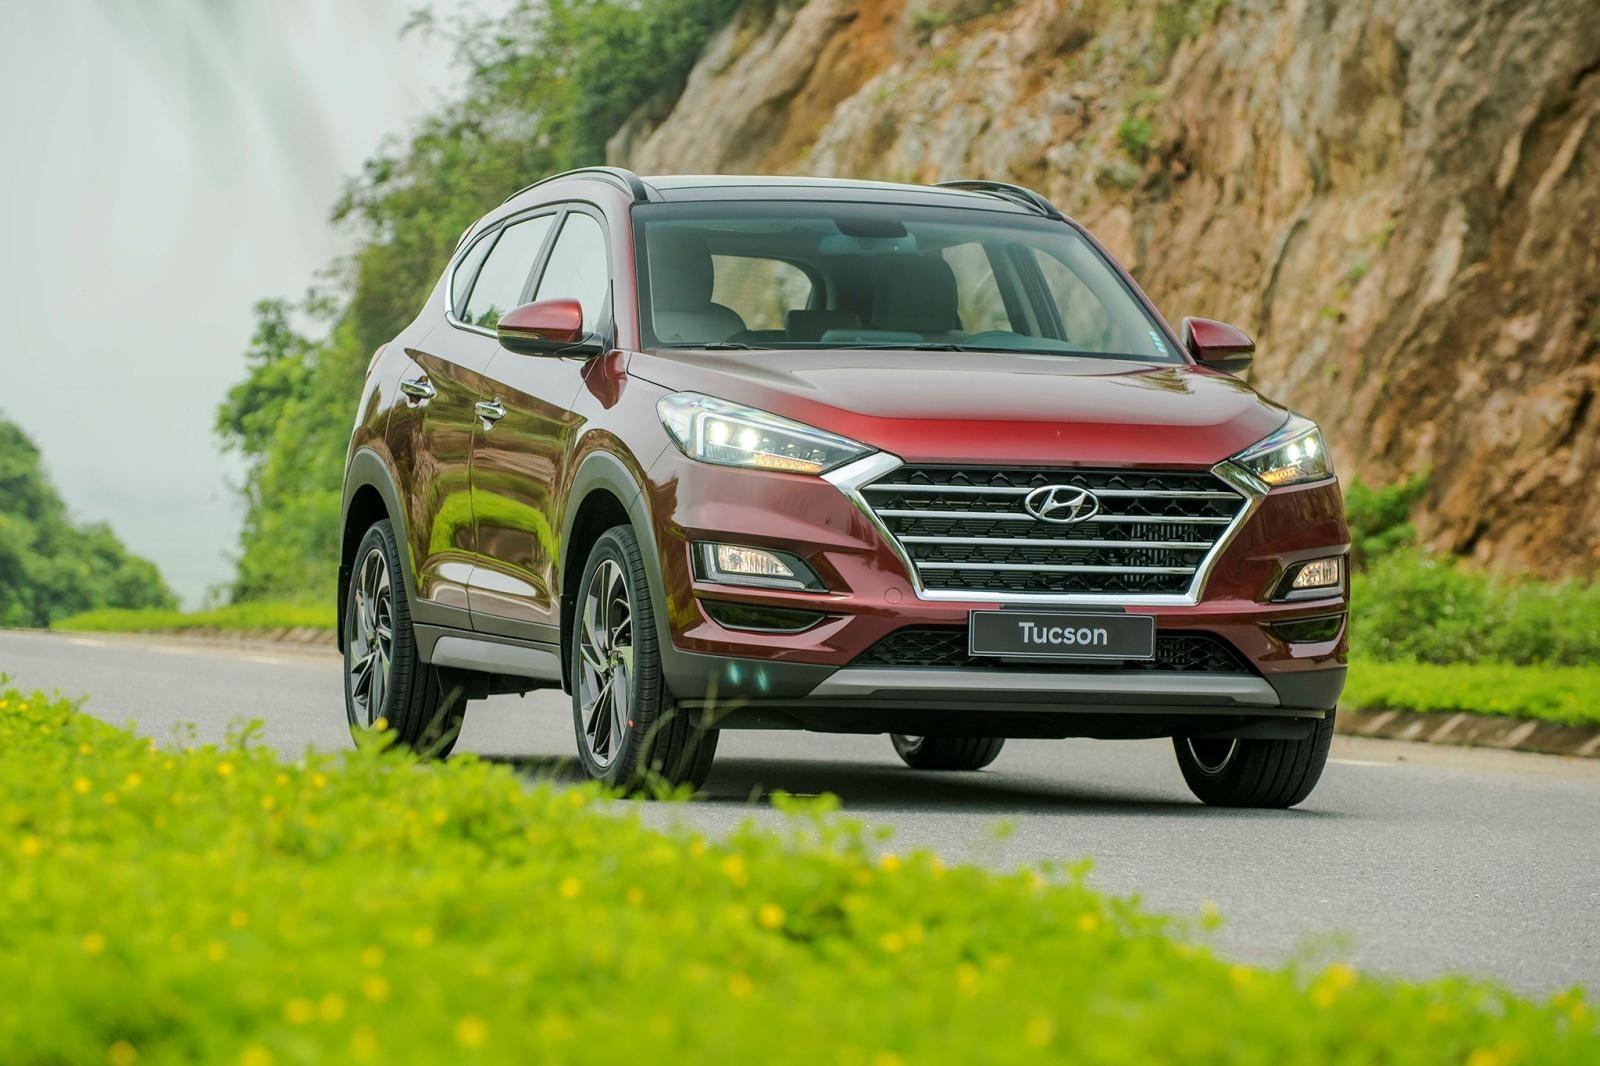 Hyundai Tucson bất ngờ giảm giá mạnh ở các đại lý, cơ hội không thể bỏ lỡ 1